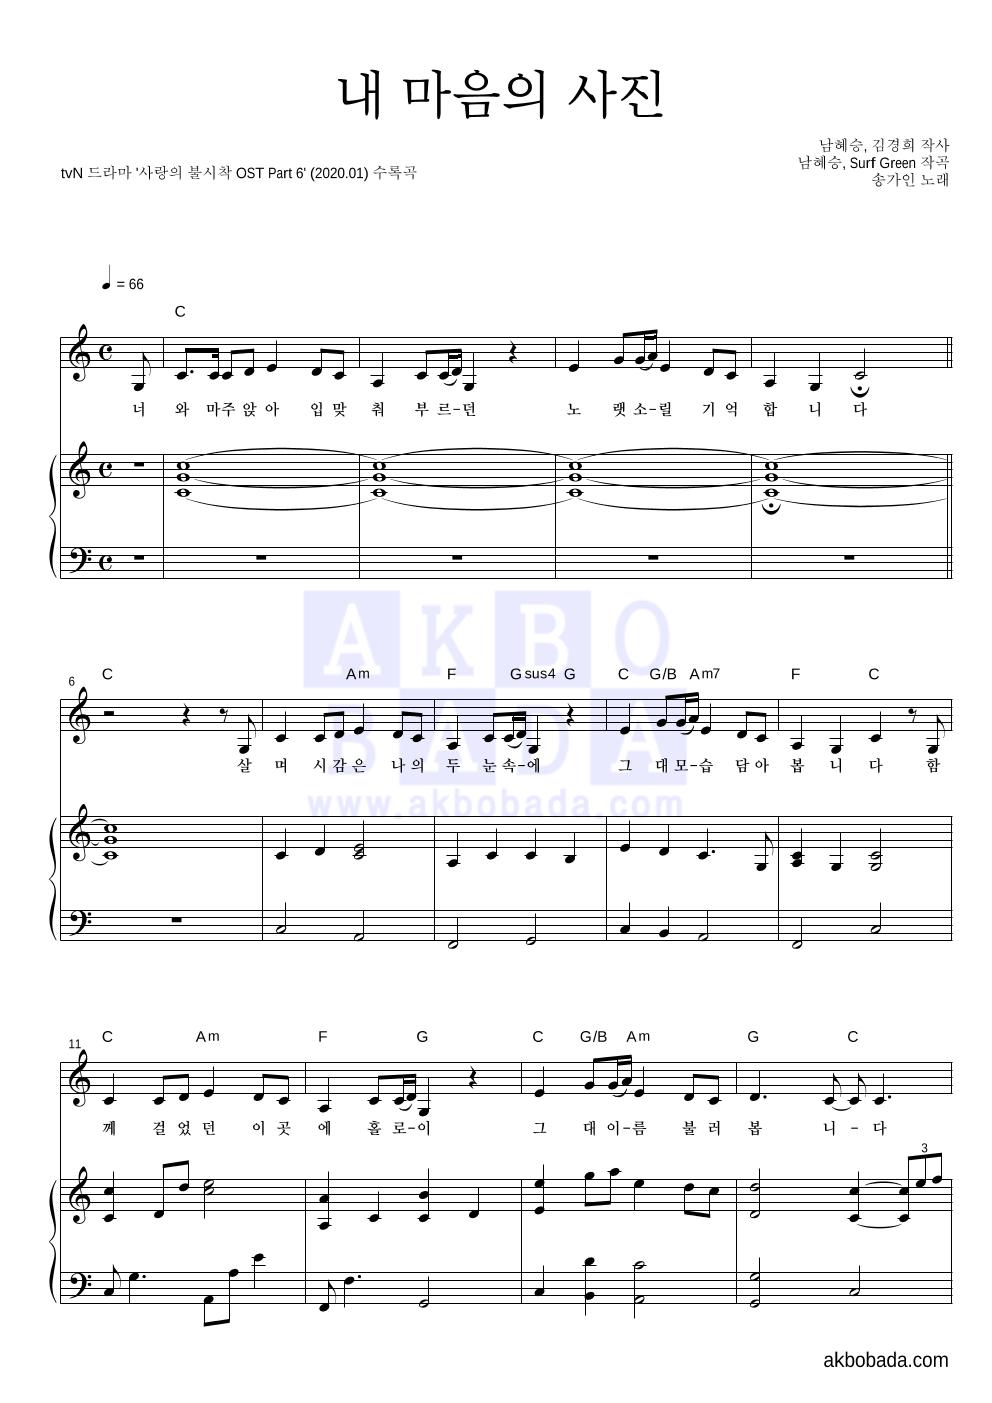 송가인 - 내 마음의 사진 피아노 3단 악보